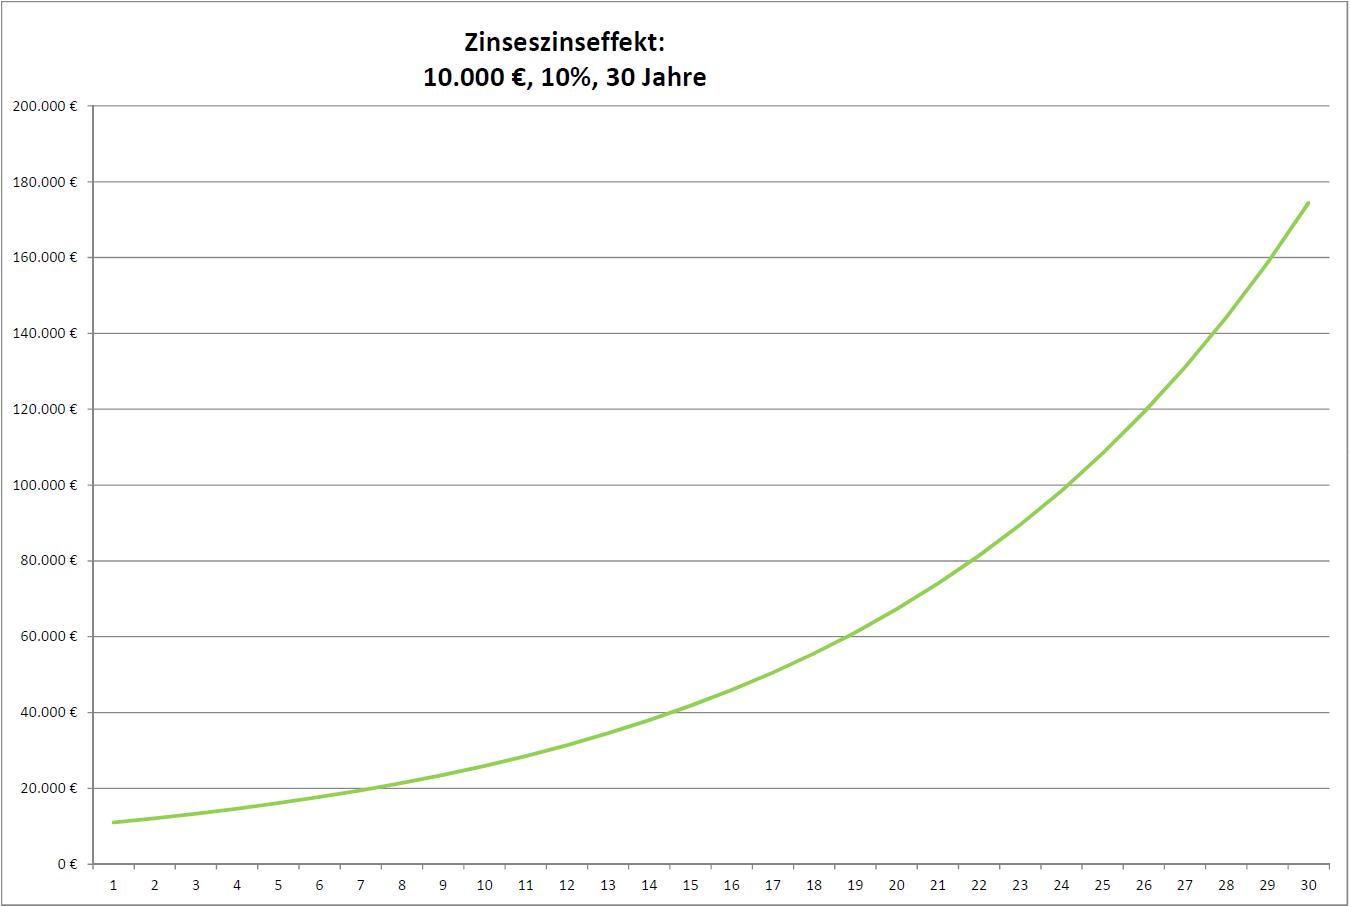 Zinseszinseffekt: 10000 €, 10 %, 30 Jahre, exponentielles Wachstum veranschaulichen